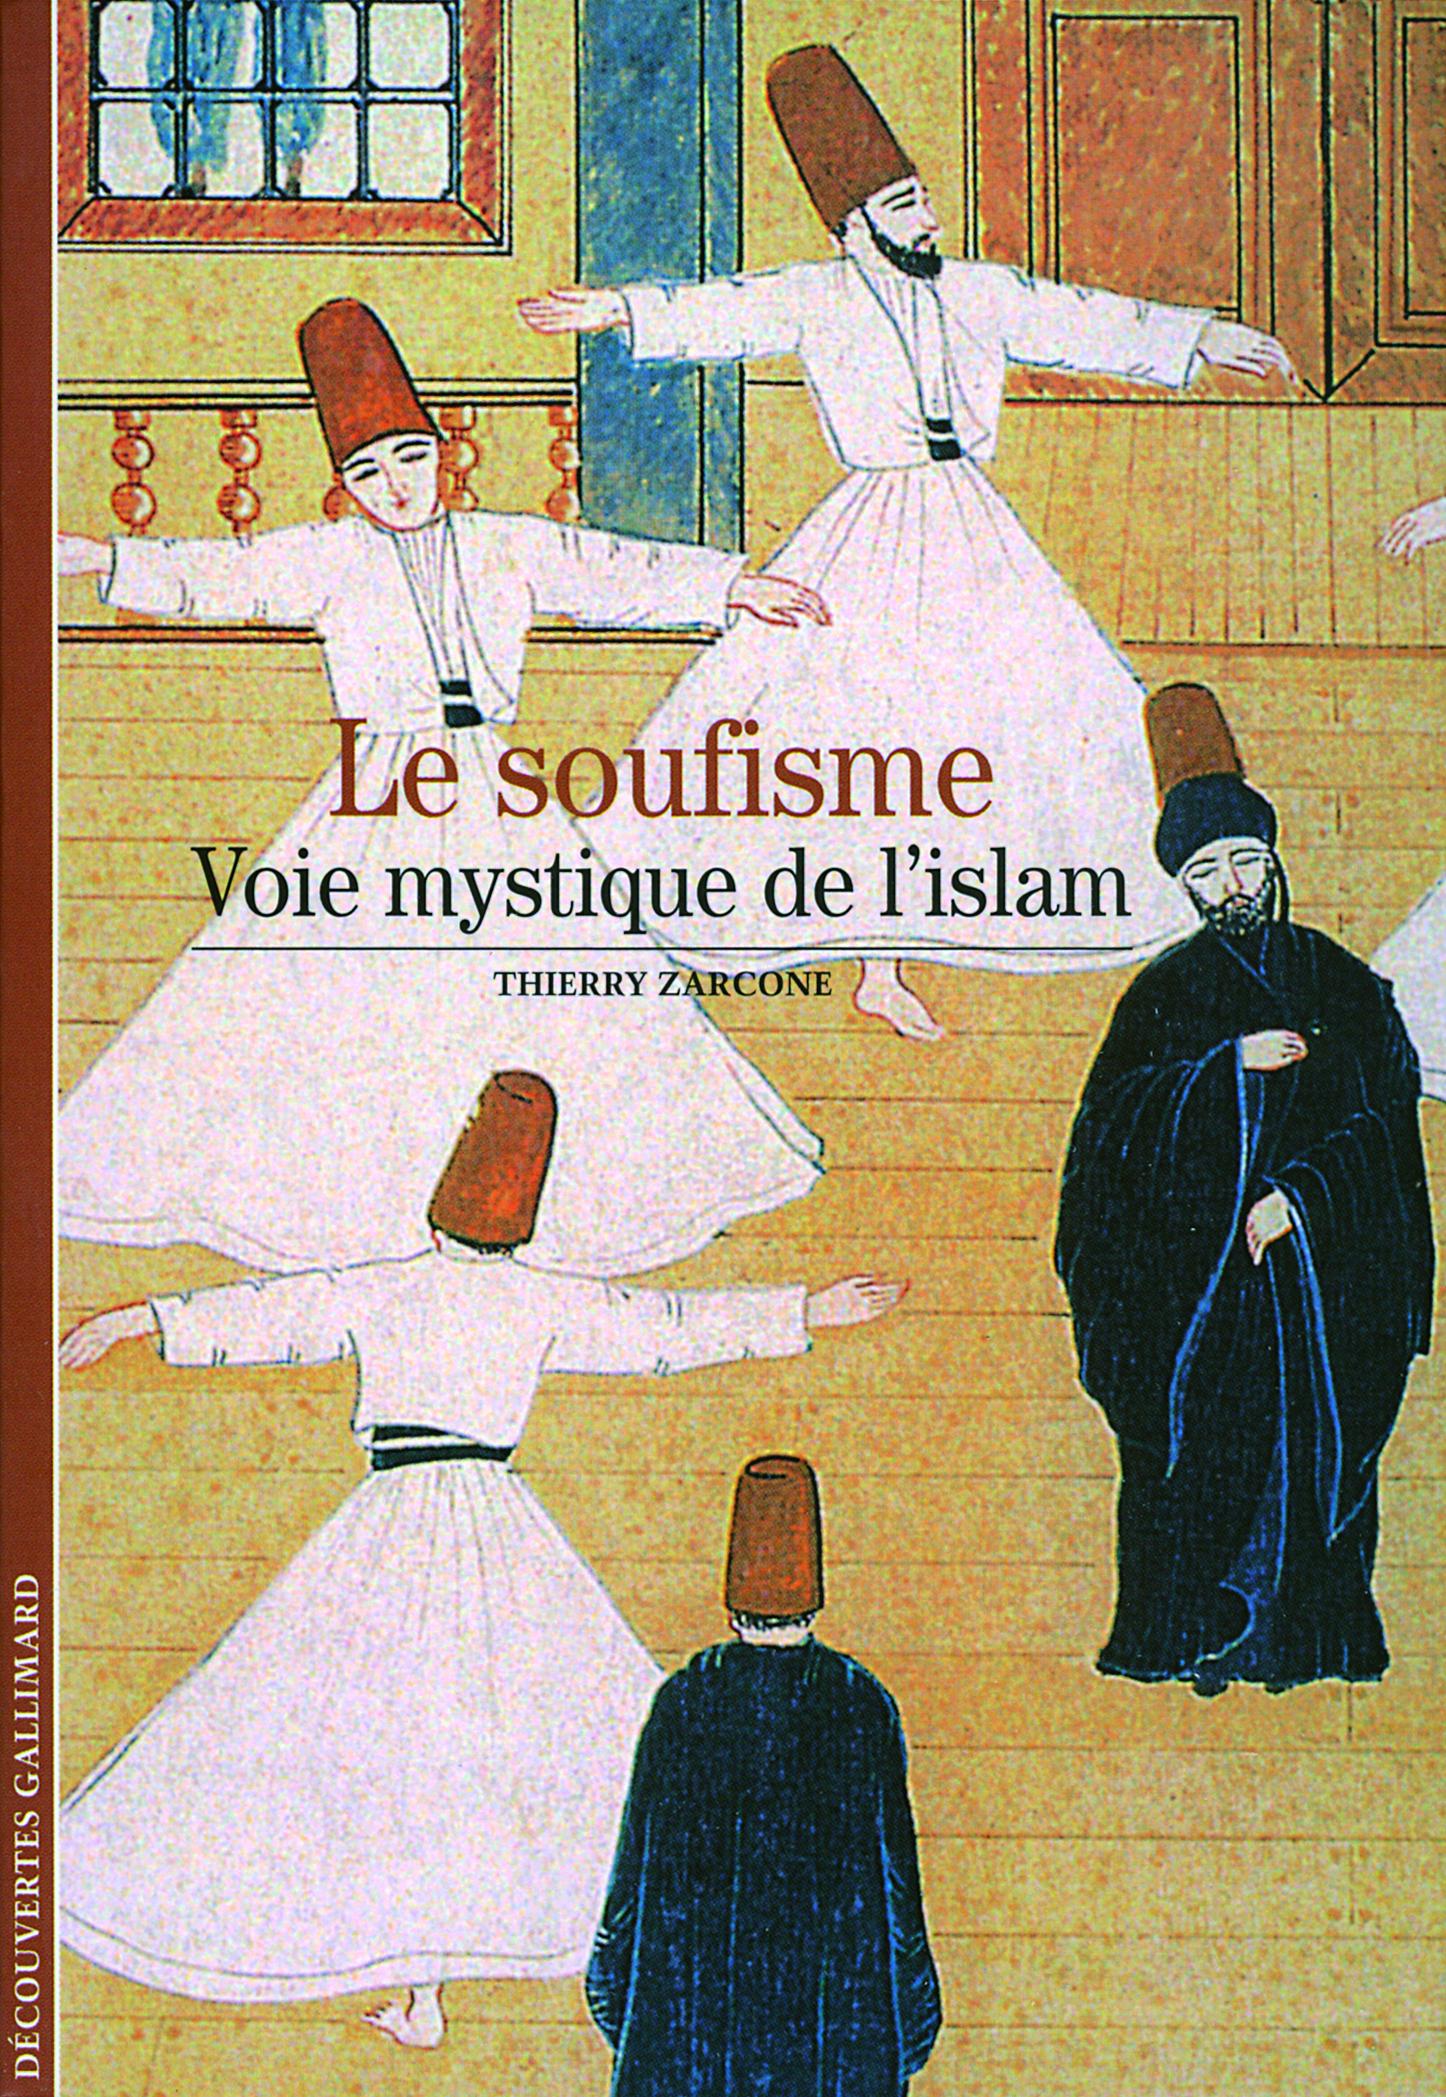 LE SOUFISME VOIE MYSTIQUE DE L'ISLAM